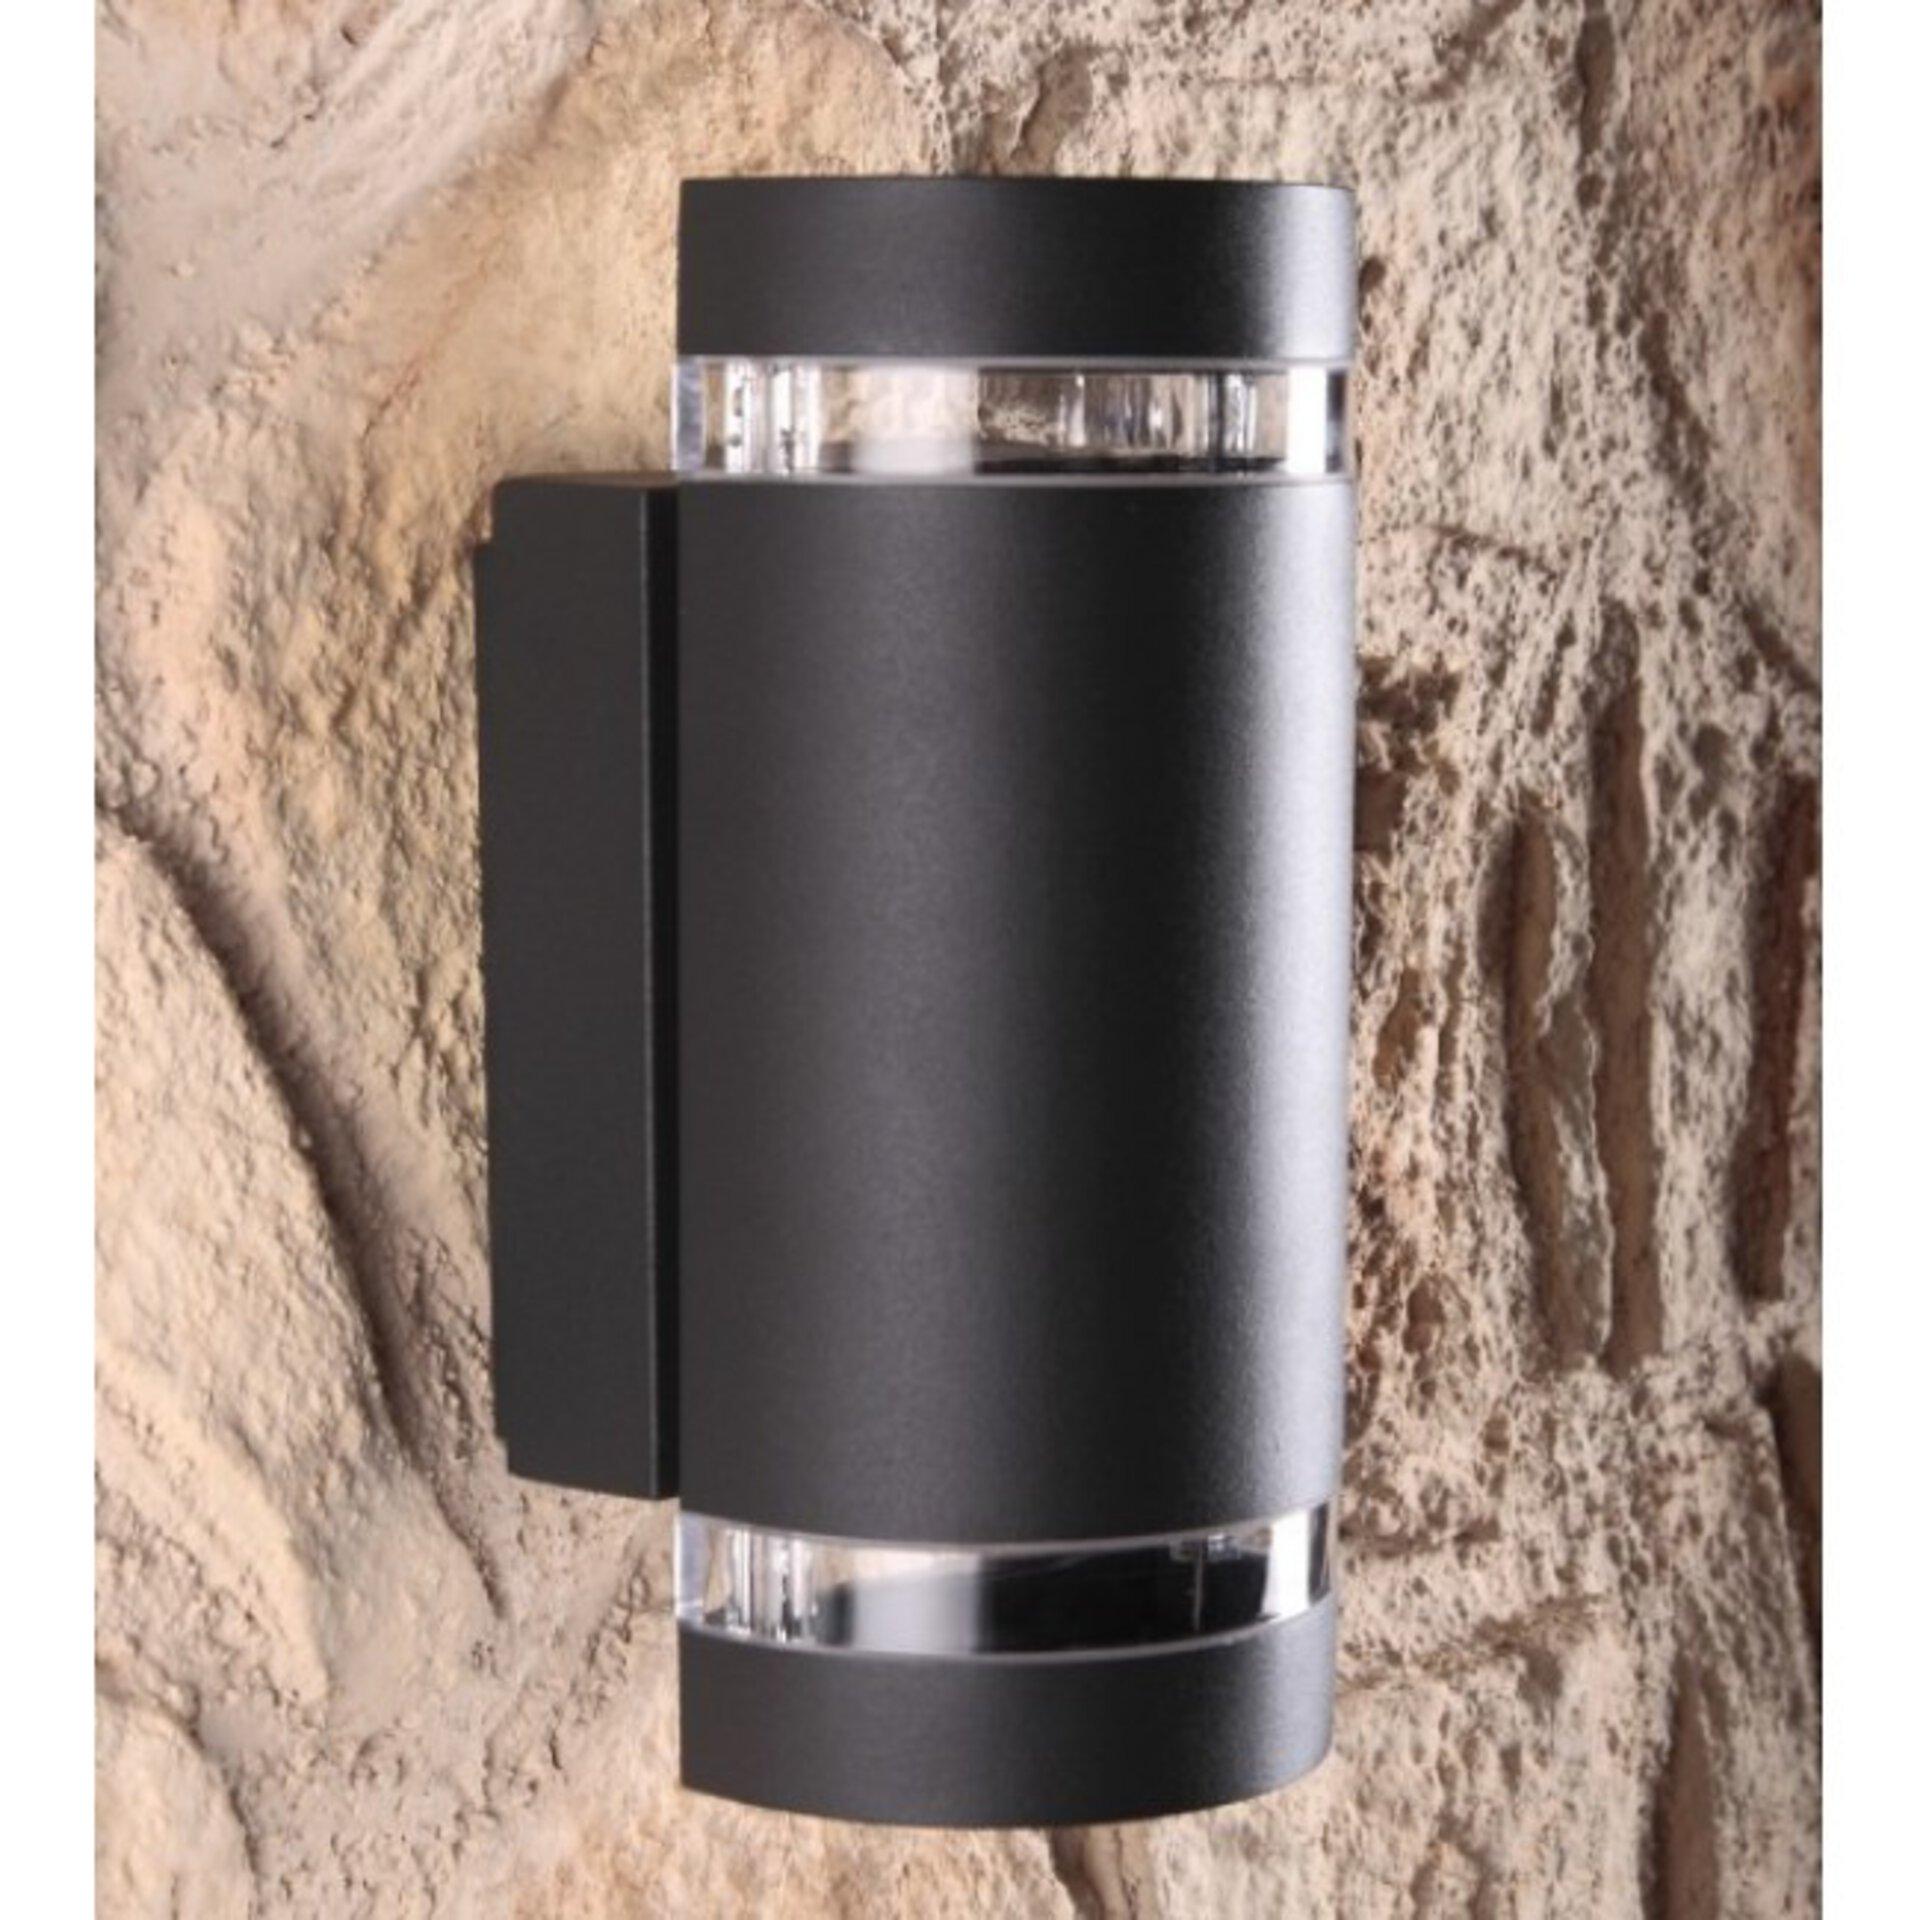 Wand-Aussenleuchte Focus Eco-Light Metall grau 11 x 24 x 11 cm